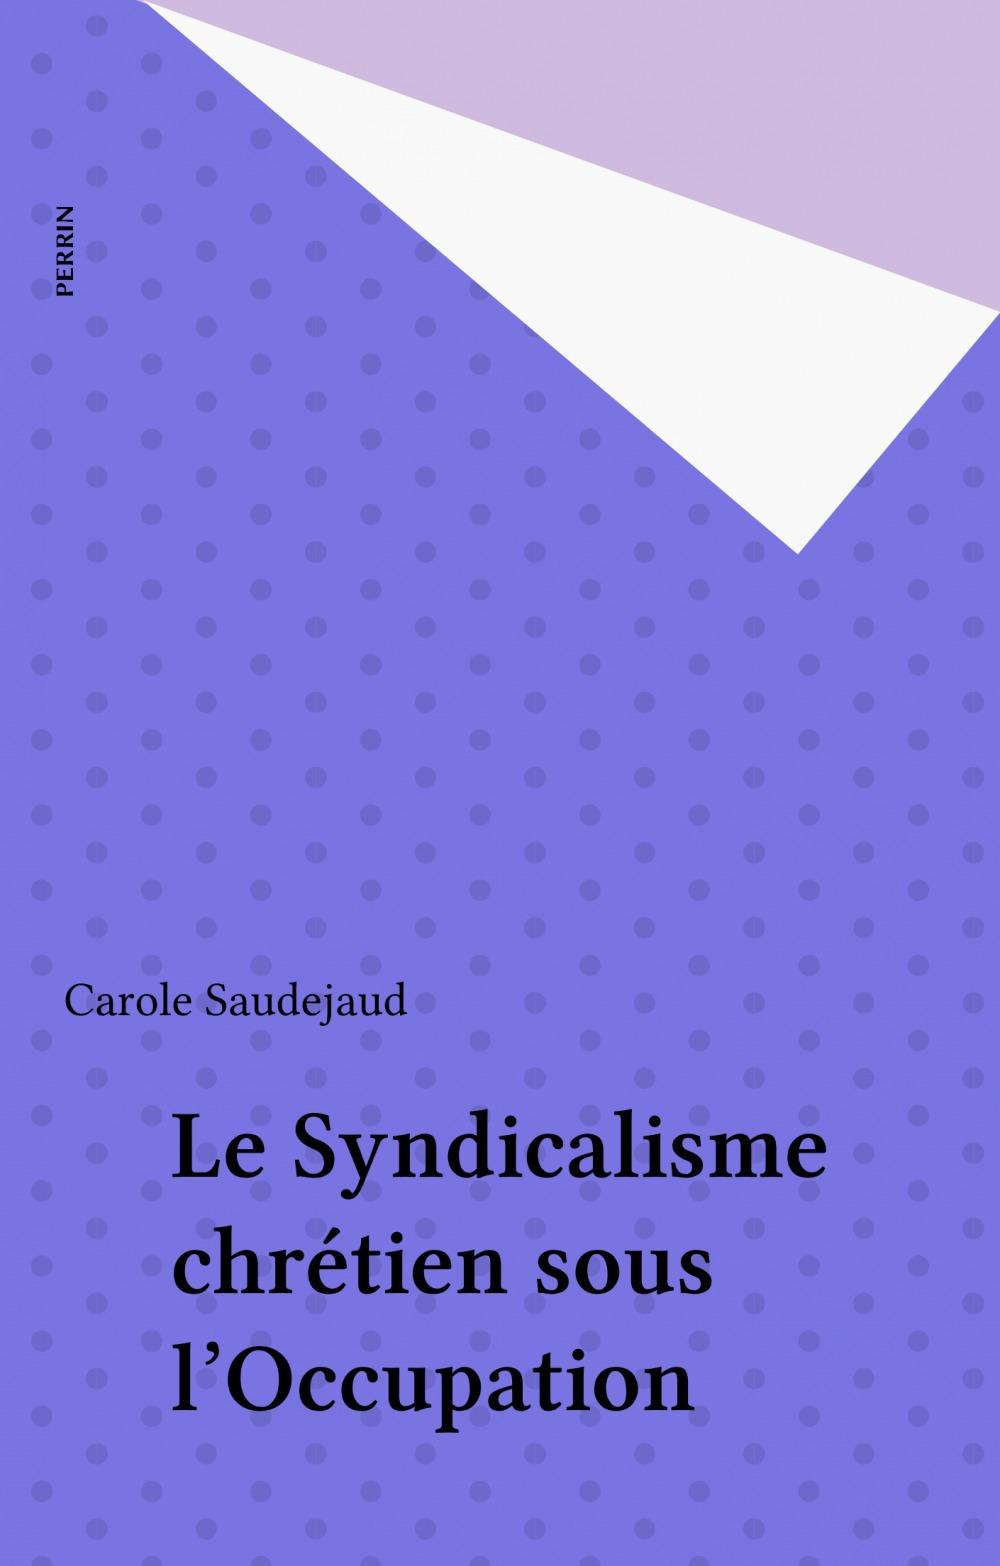 Le Syndicalisme chrétien sous l'Occupation